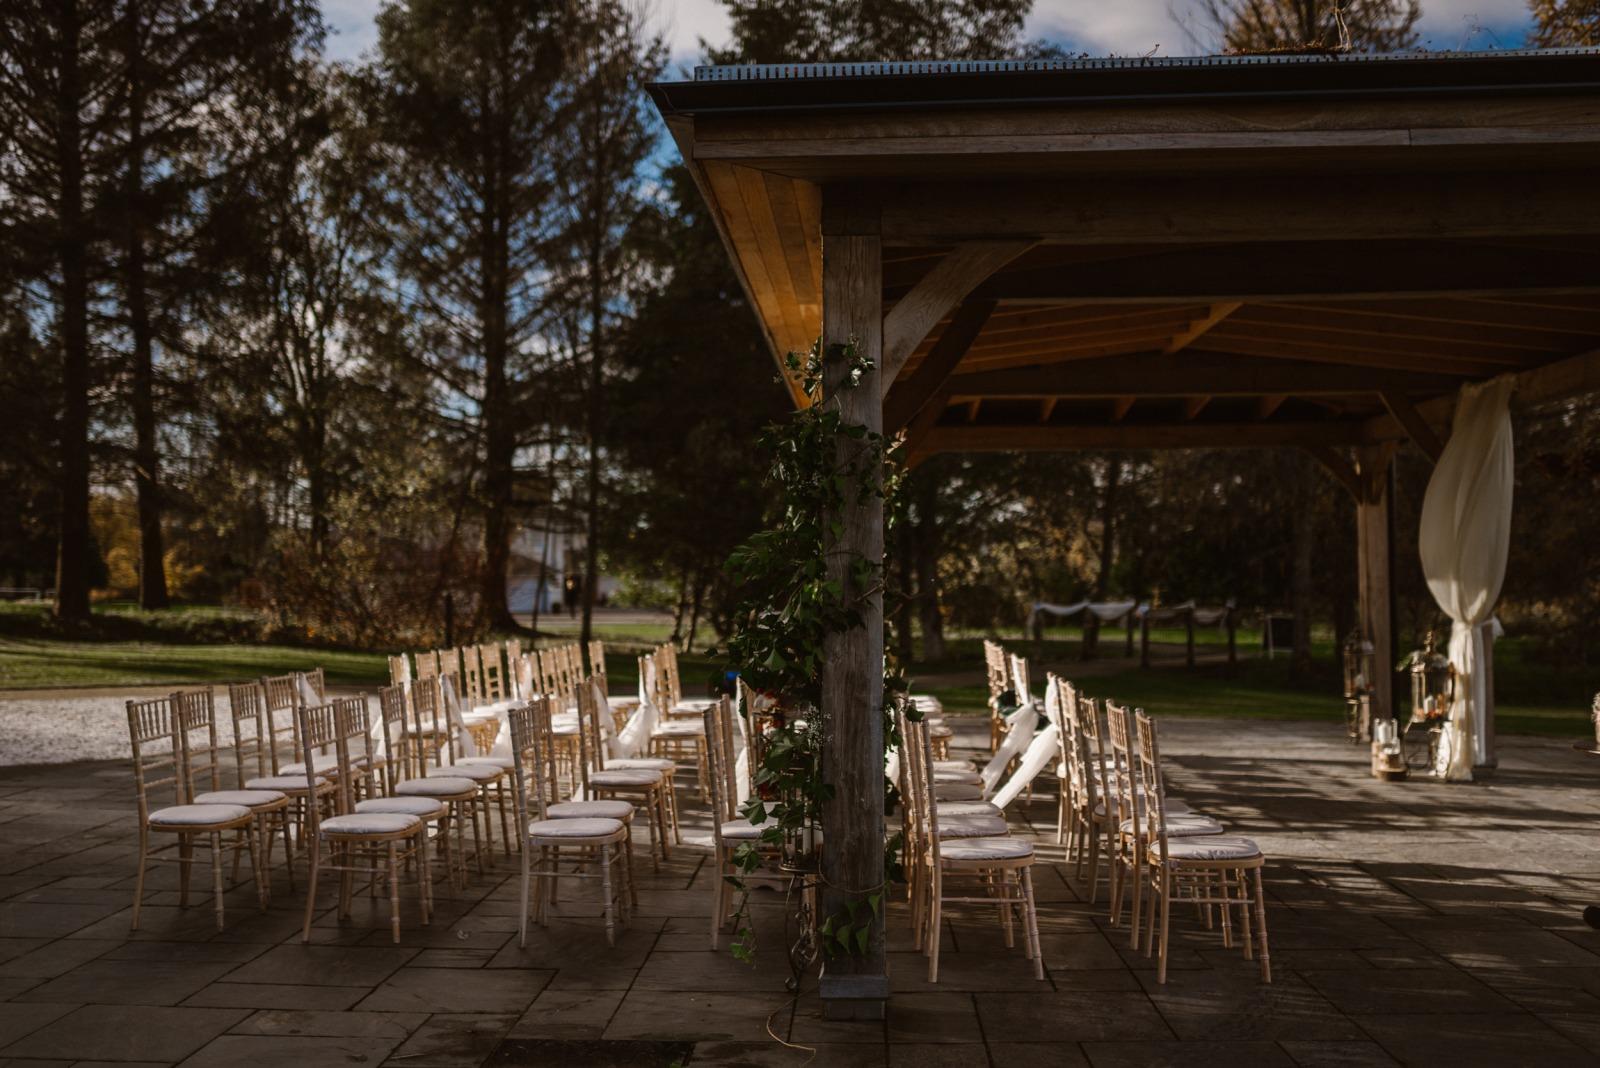 highward-house-wedding-149-of-578